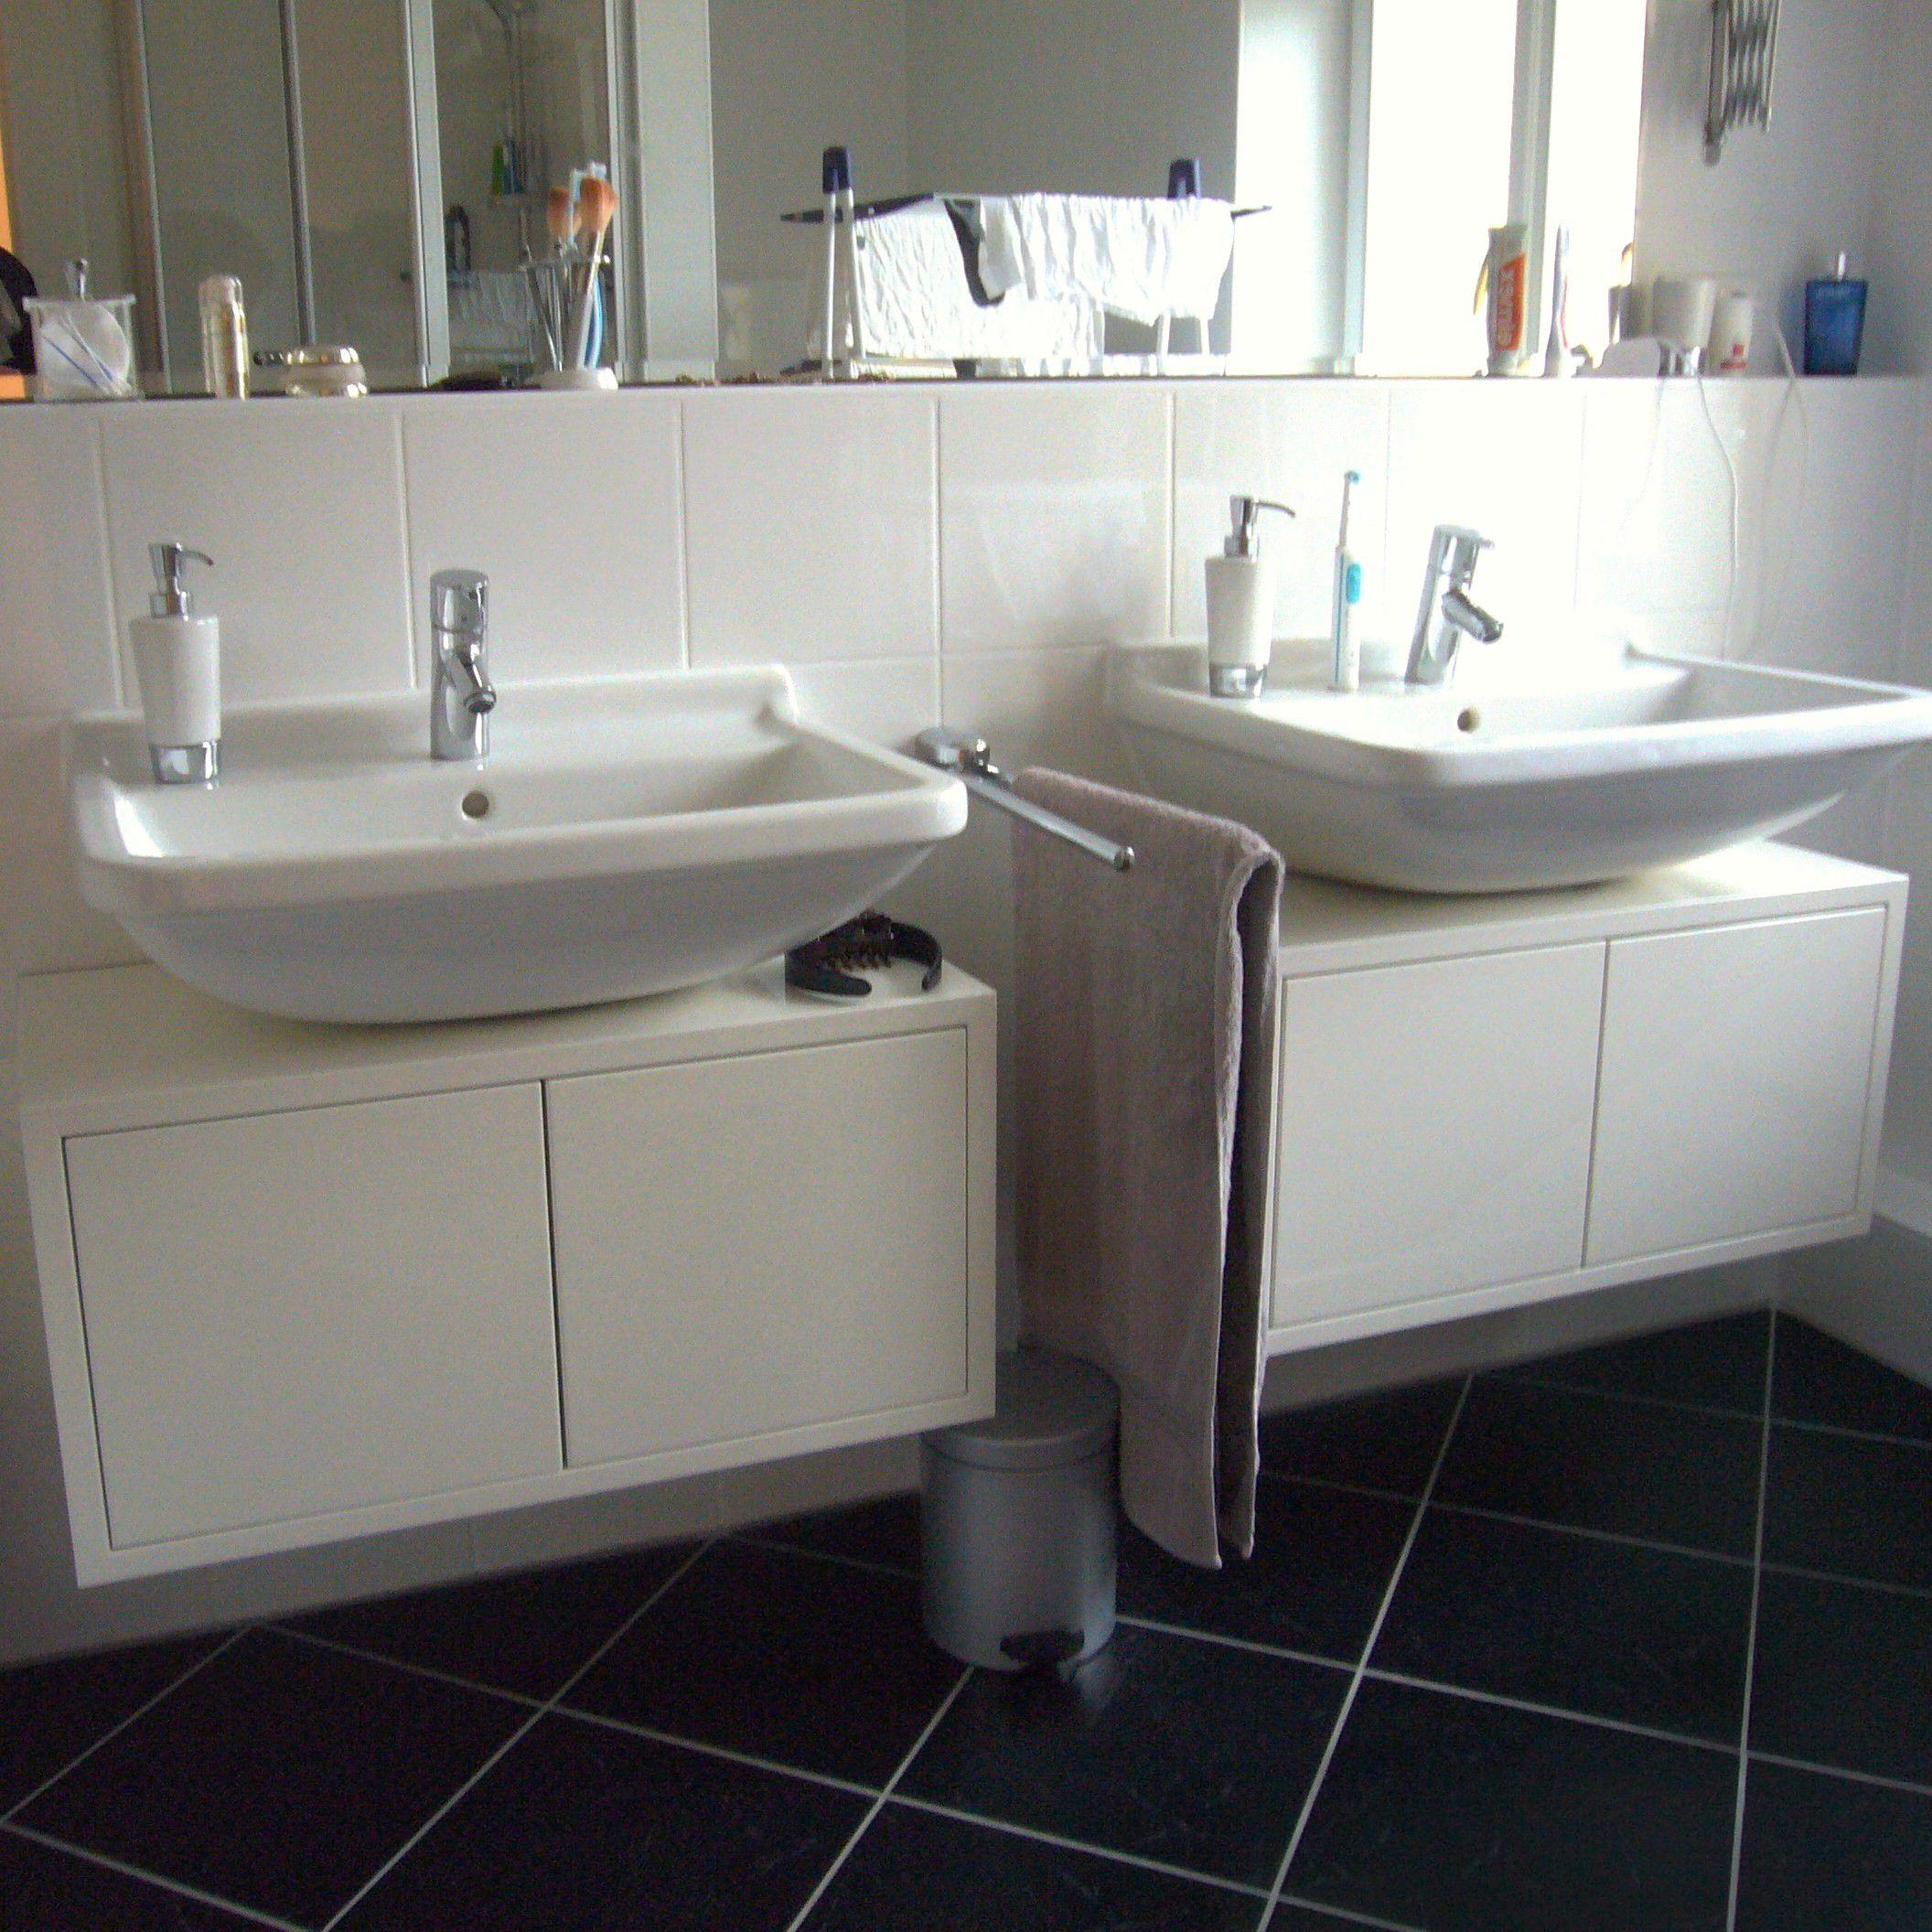 Waschtische wei hochglanz lackiert l s b der pinterest bad waschtisch und w sche - Hochglanz lackieren ...